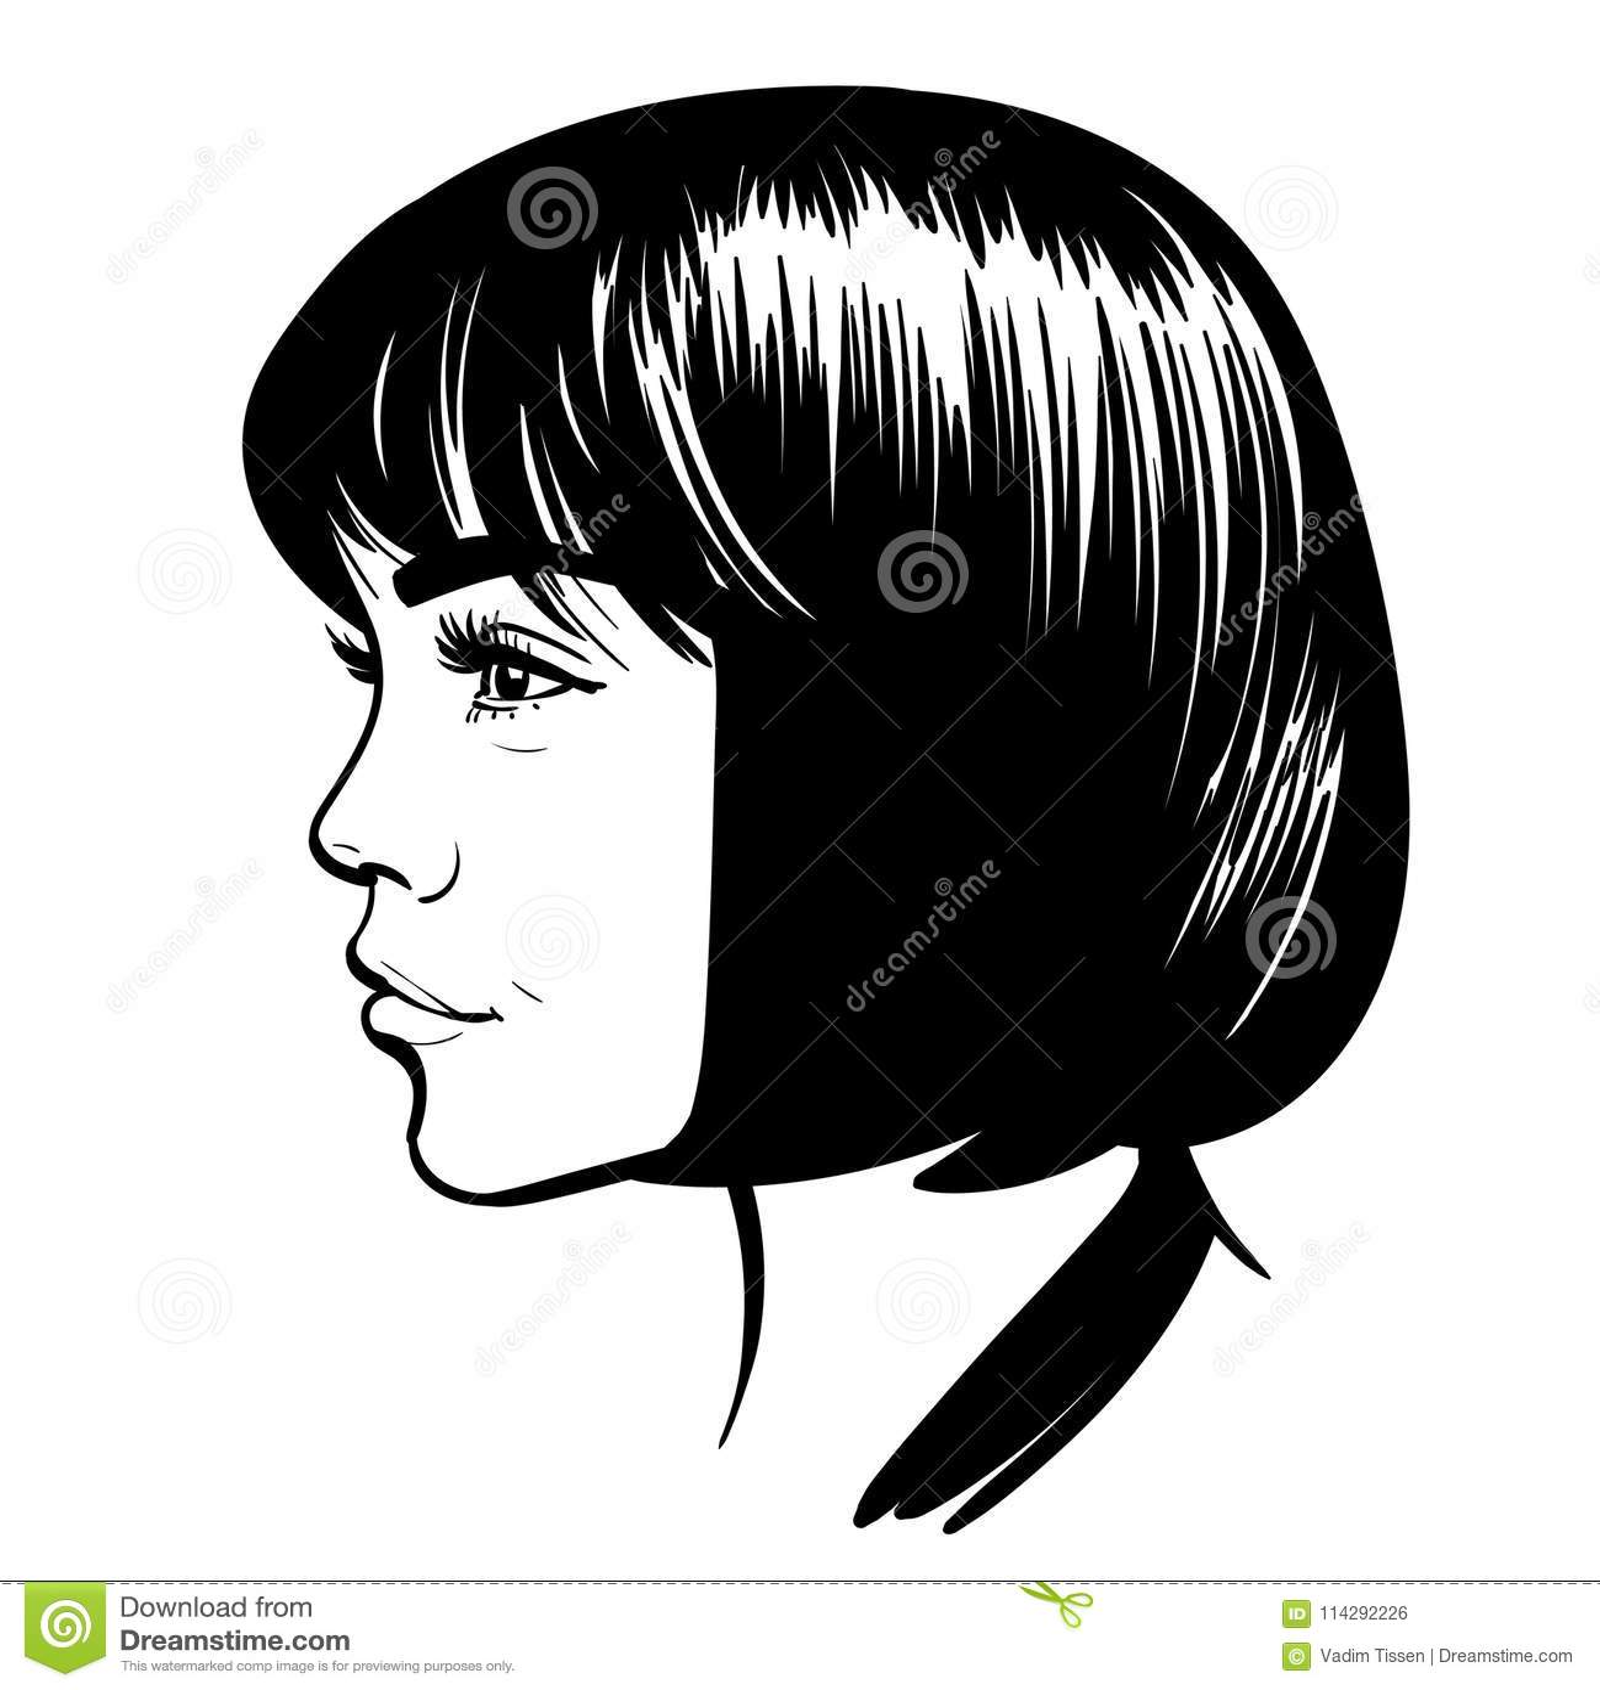 фото девушек в черно белом стиле фото